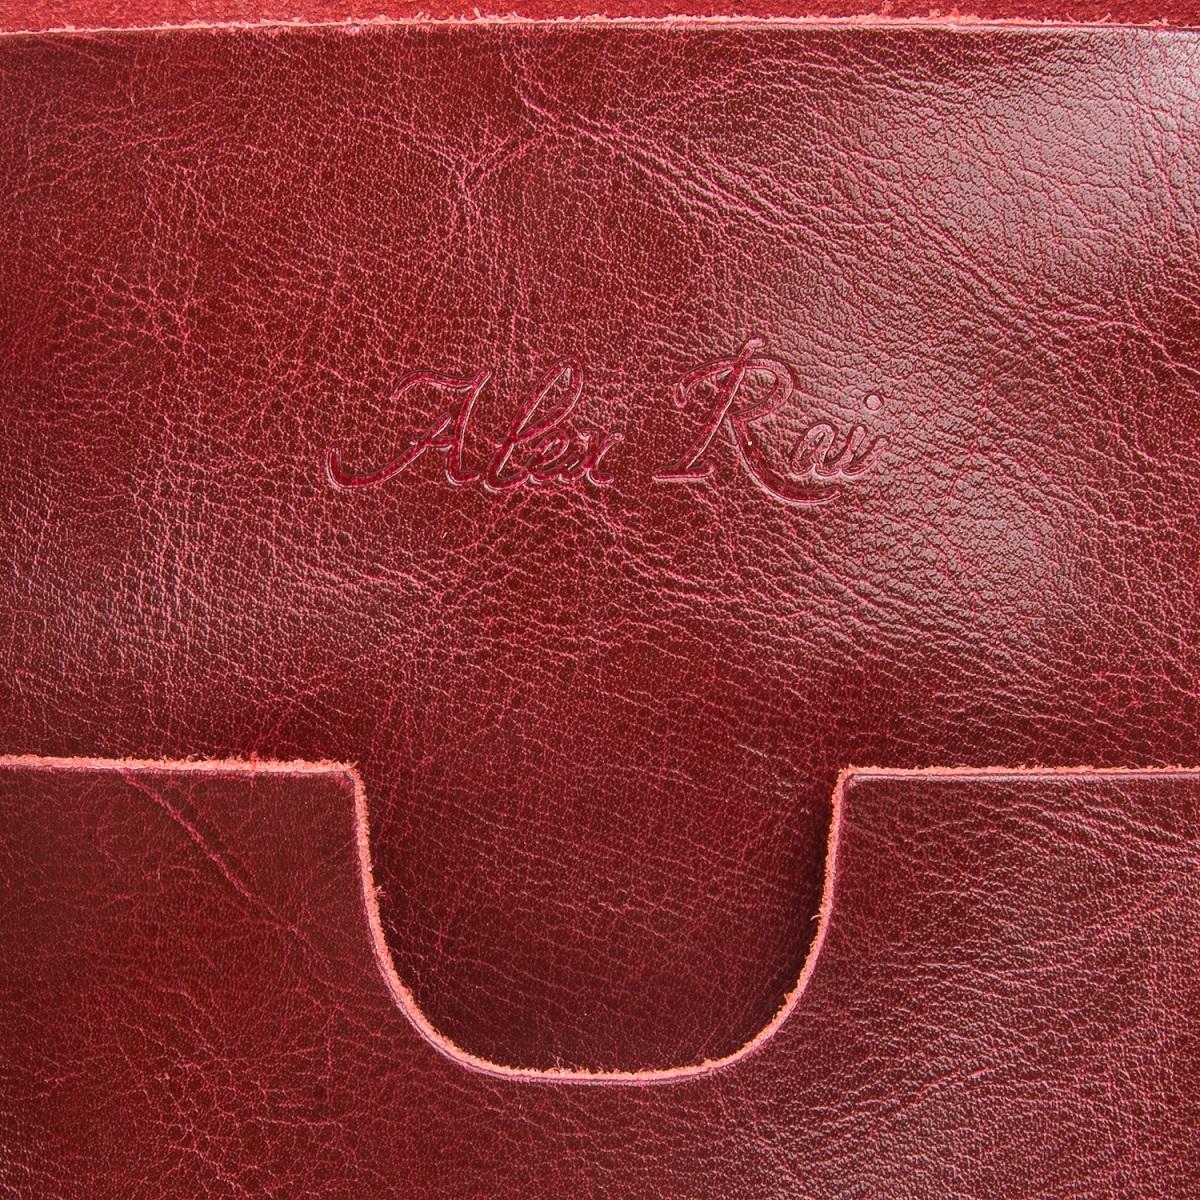 Сумка Женская Классическая кожа ALEX RAI 08-1 1535 wine-red - фото 4